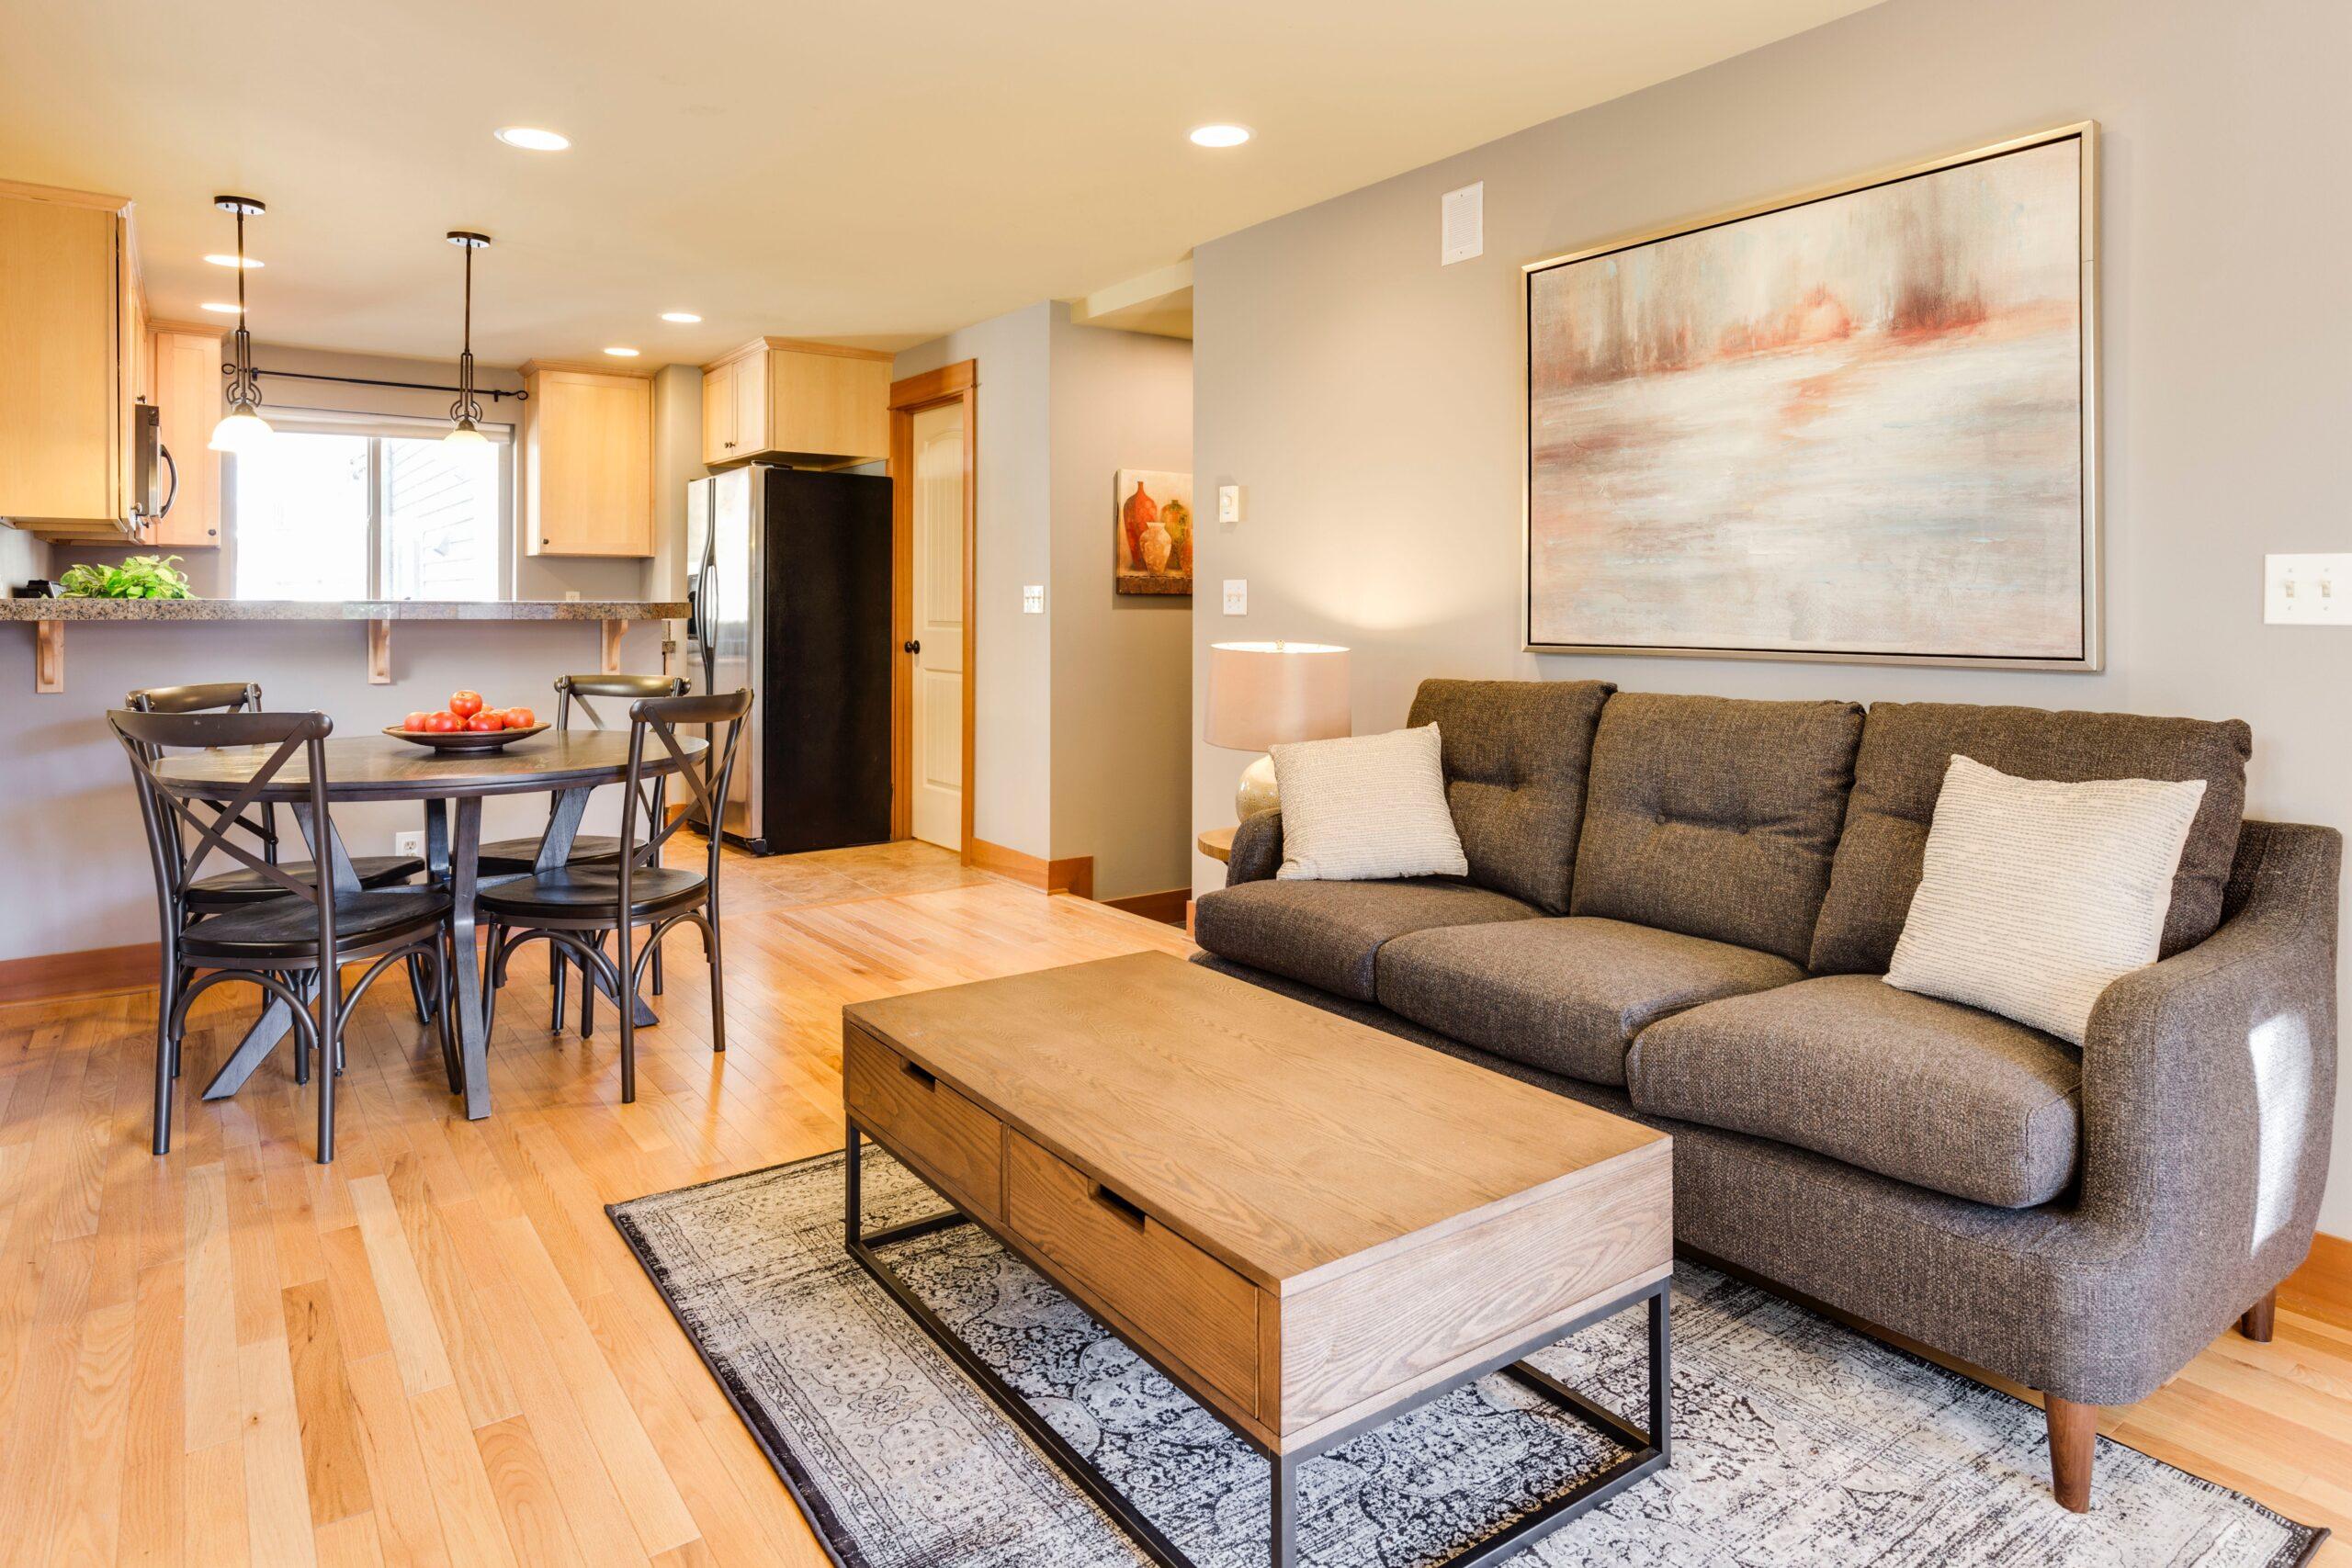 Kanapy na nóżkach czy bez? Jaką kanapę wybrać do małego wnętrza?